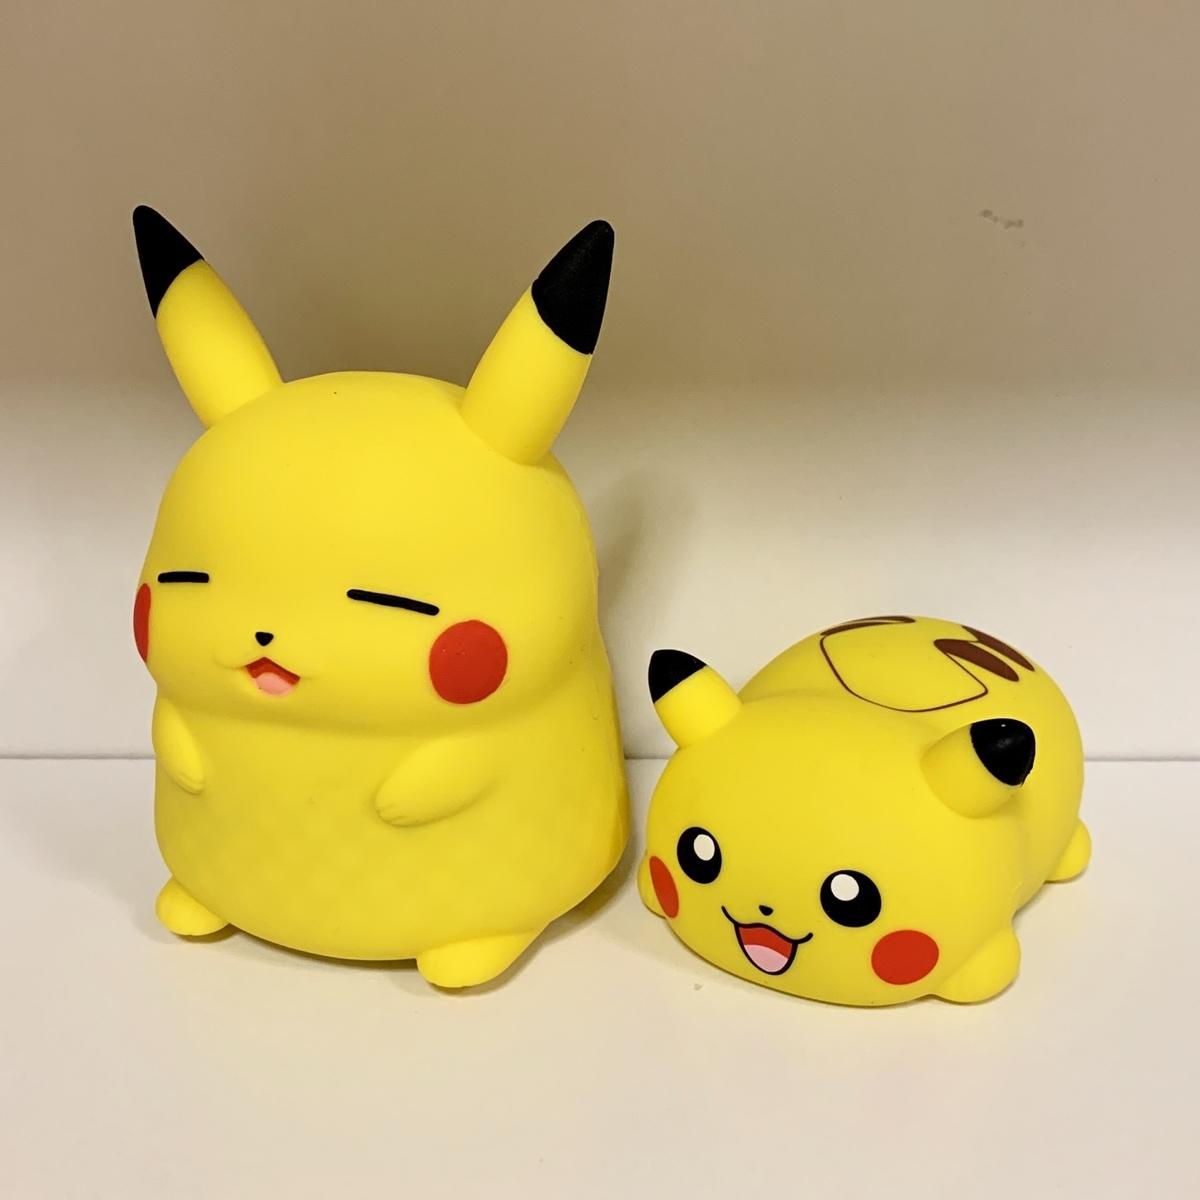 f:id:pikachu_pcn:20200206205437j:plain